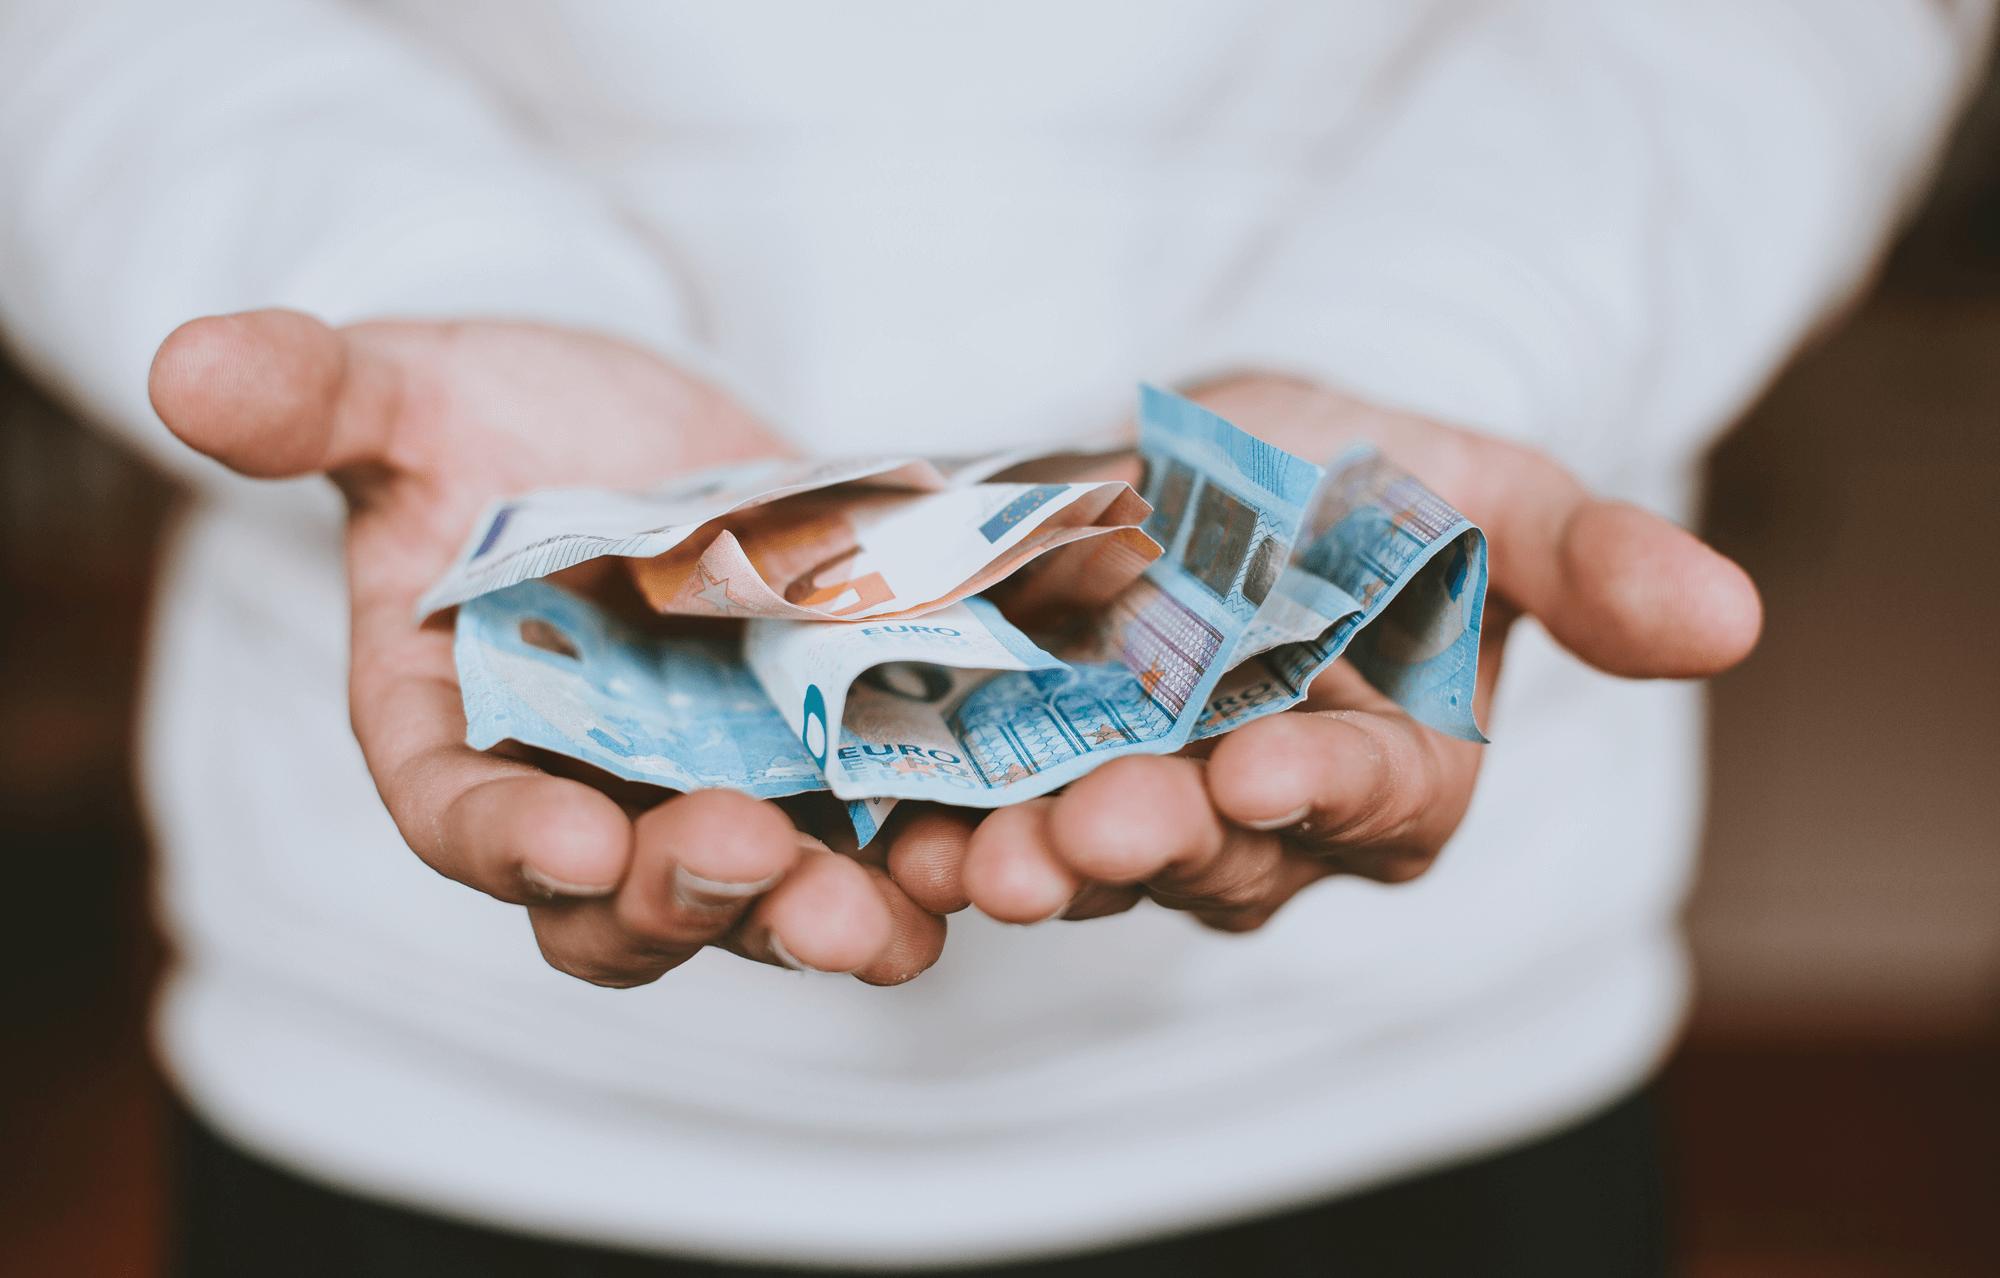 Financieel perspectief | Winstgevende omzetgroei | Productiviteit